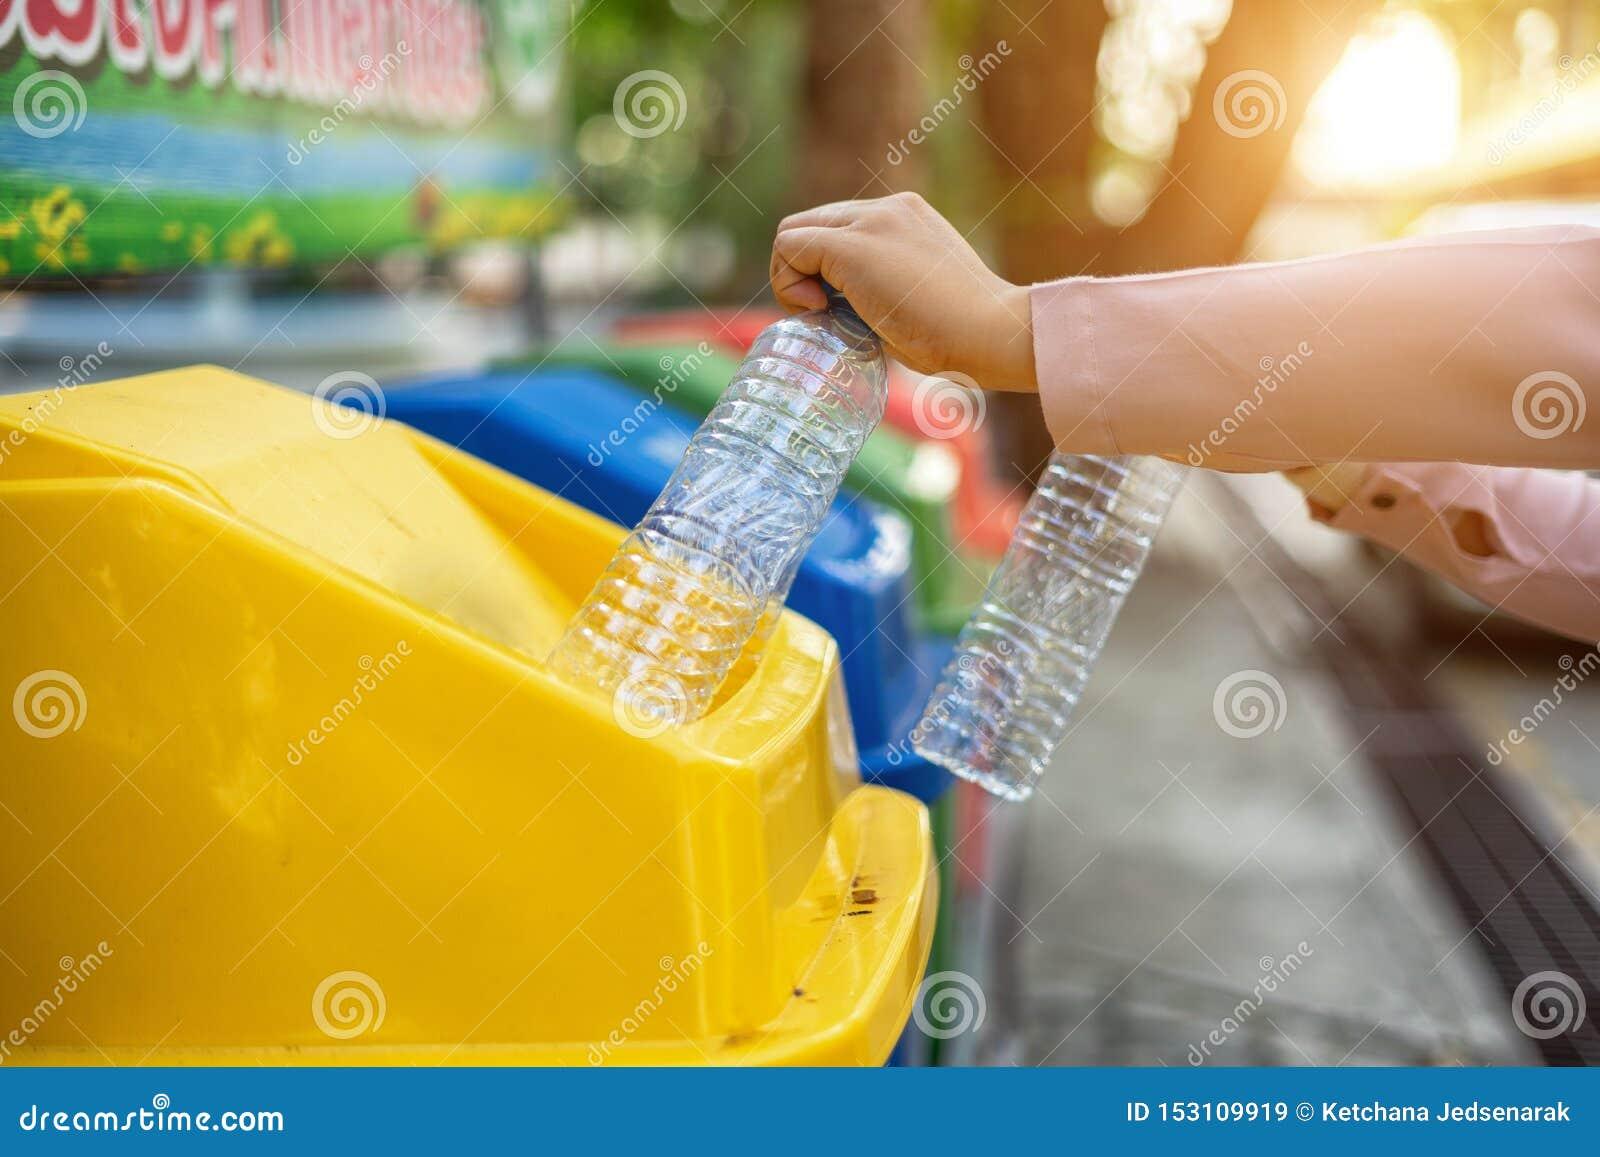 Ο χωρισμός των πλαστικών μπουκαλιών αποβλήτων στην ανακύκλωση των δοχείων πρόκειται να προστατεύσει το περιβάλλον, που δεν προκαλ